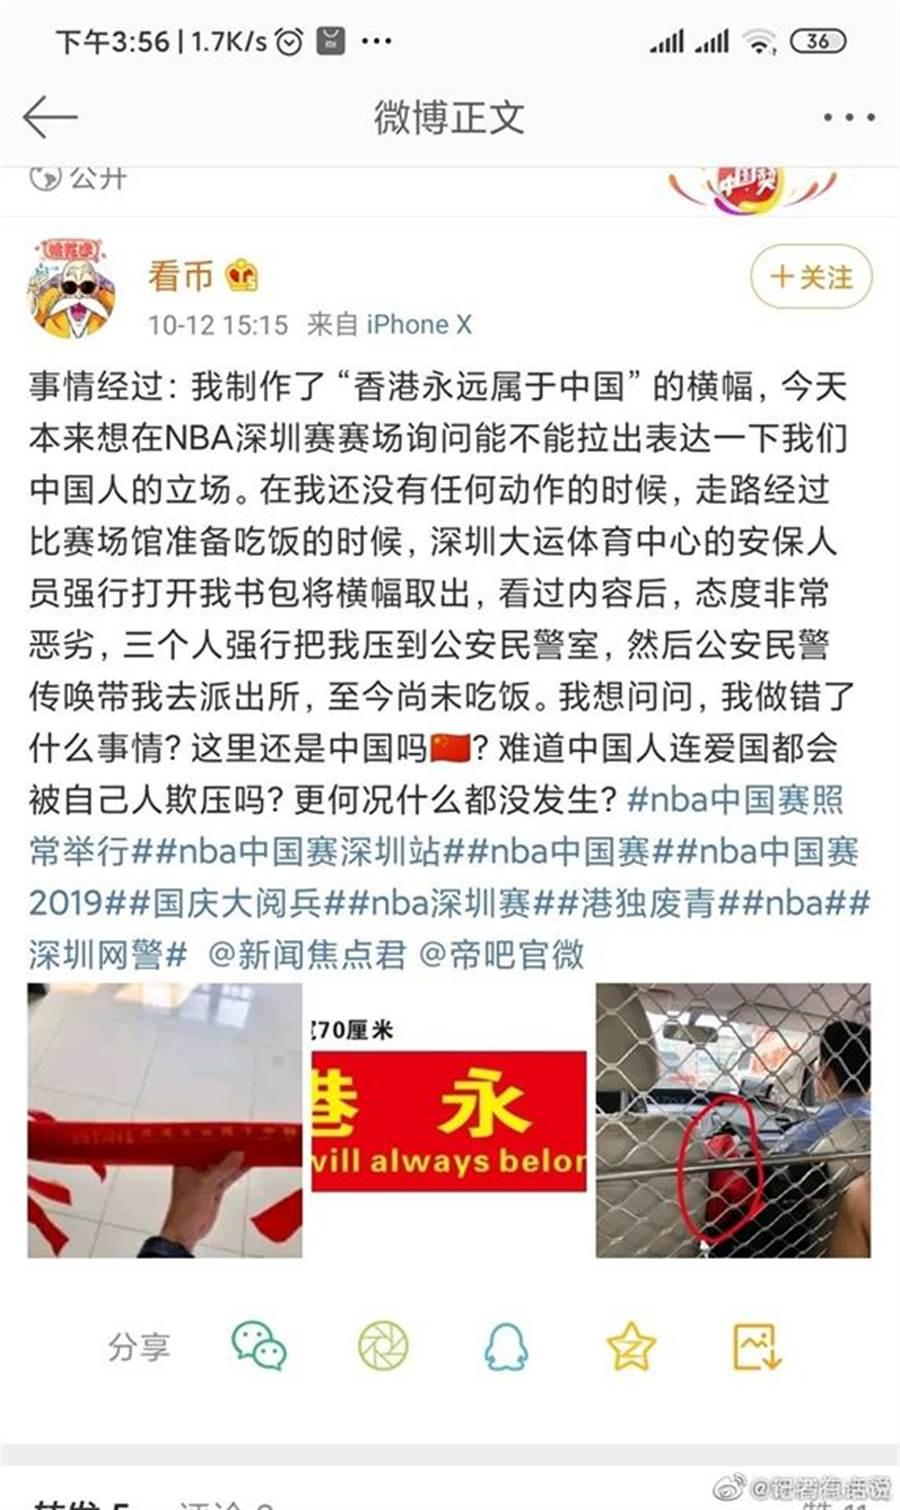 「飯圈女孩」等團體自費製作「要摩瑞道歉」、「香港屬於中國」的標語卻被警方搜查沒收,讓球迷大罵:「美國人可以籌發港獨T恤,我們也可以籌發放愛國標語啊!祖國一盆冷水波下來」。(圖取自微博)